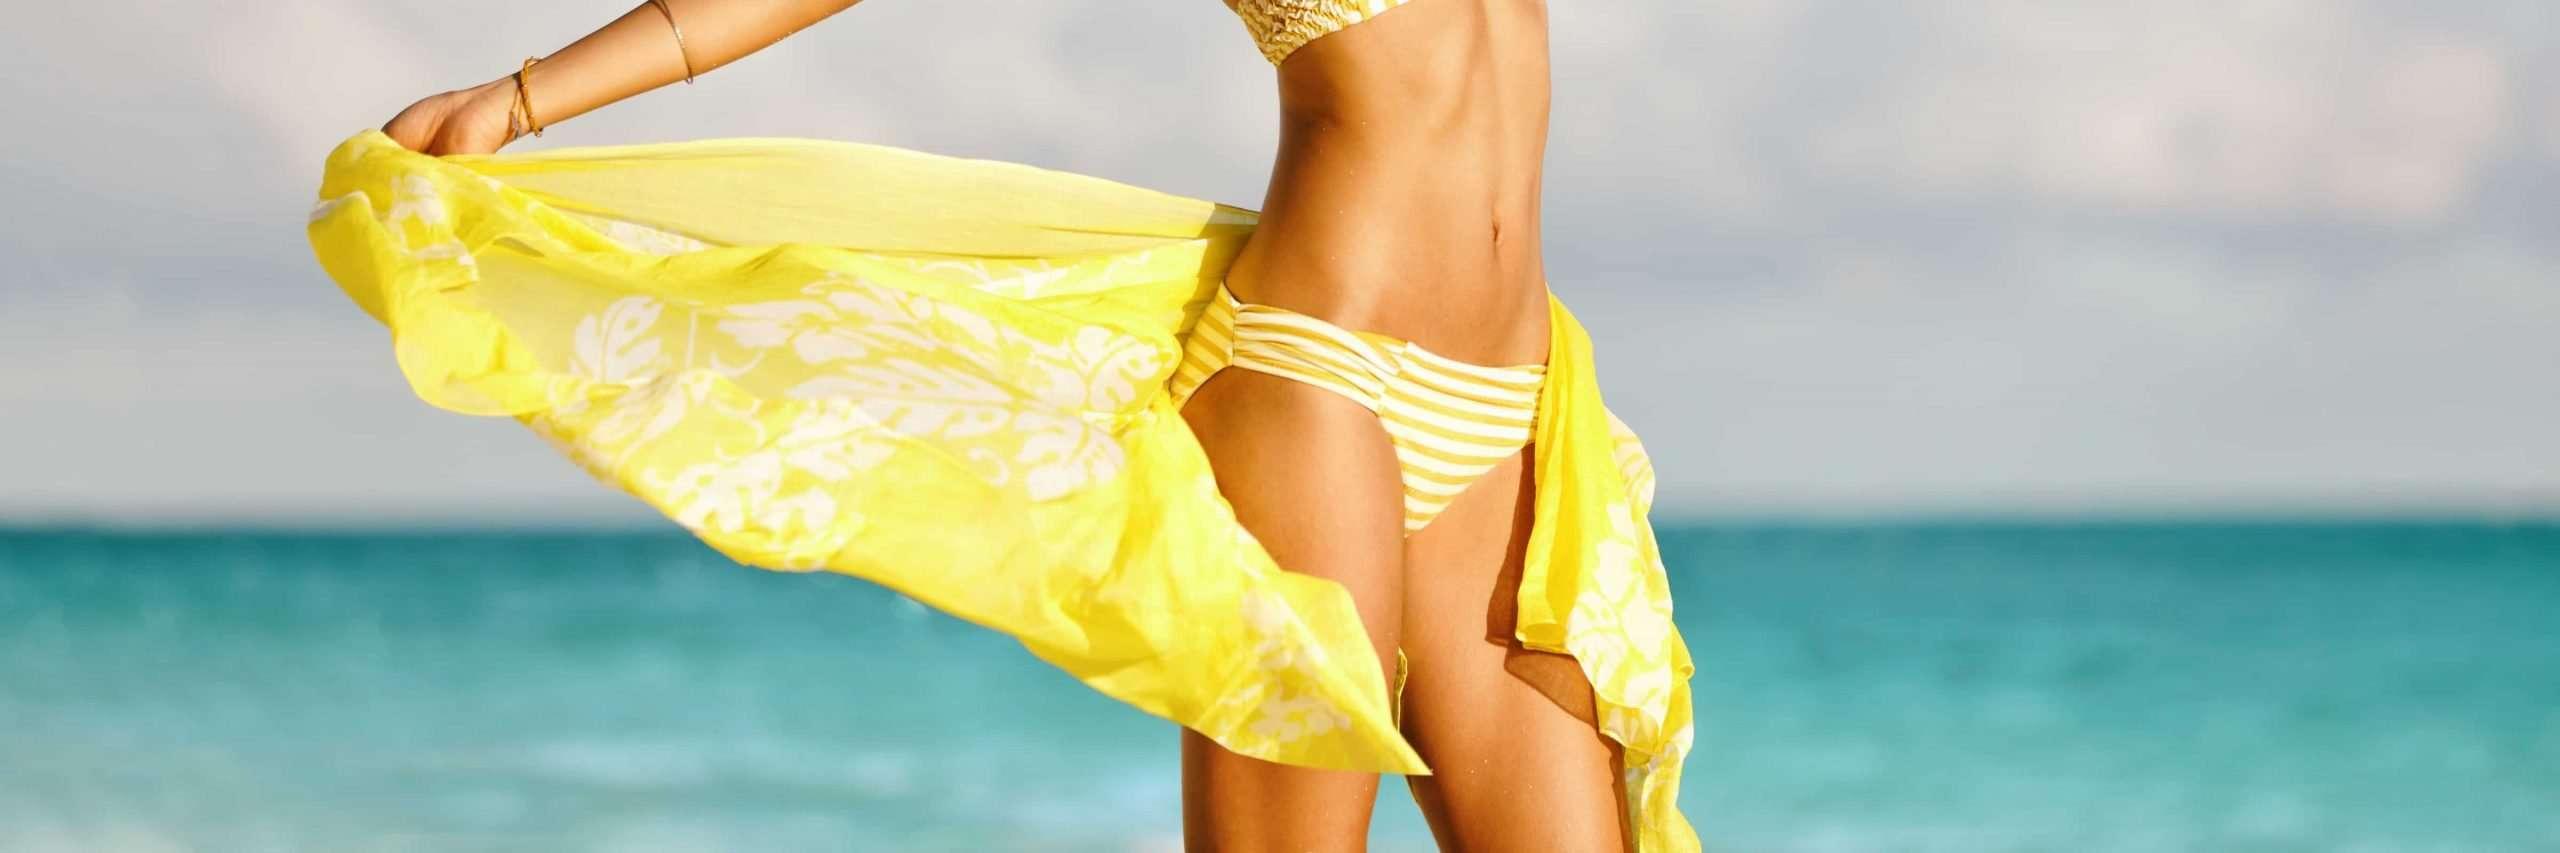 Bikini woman with yellow scarf